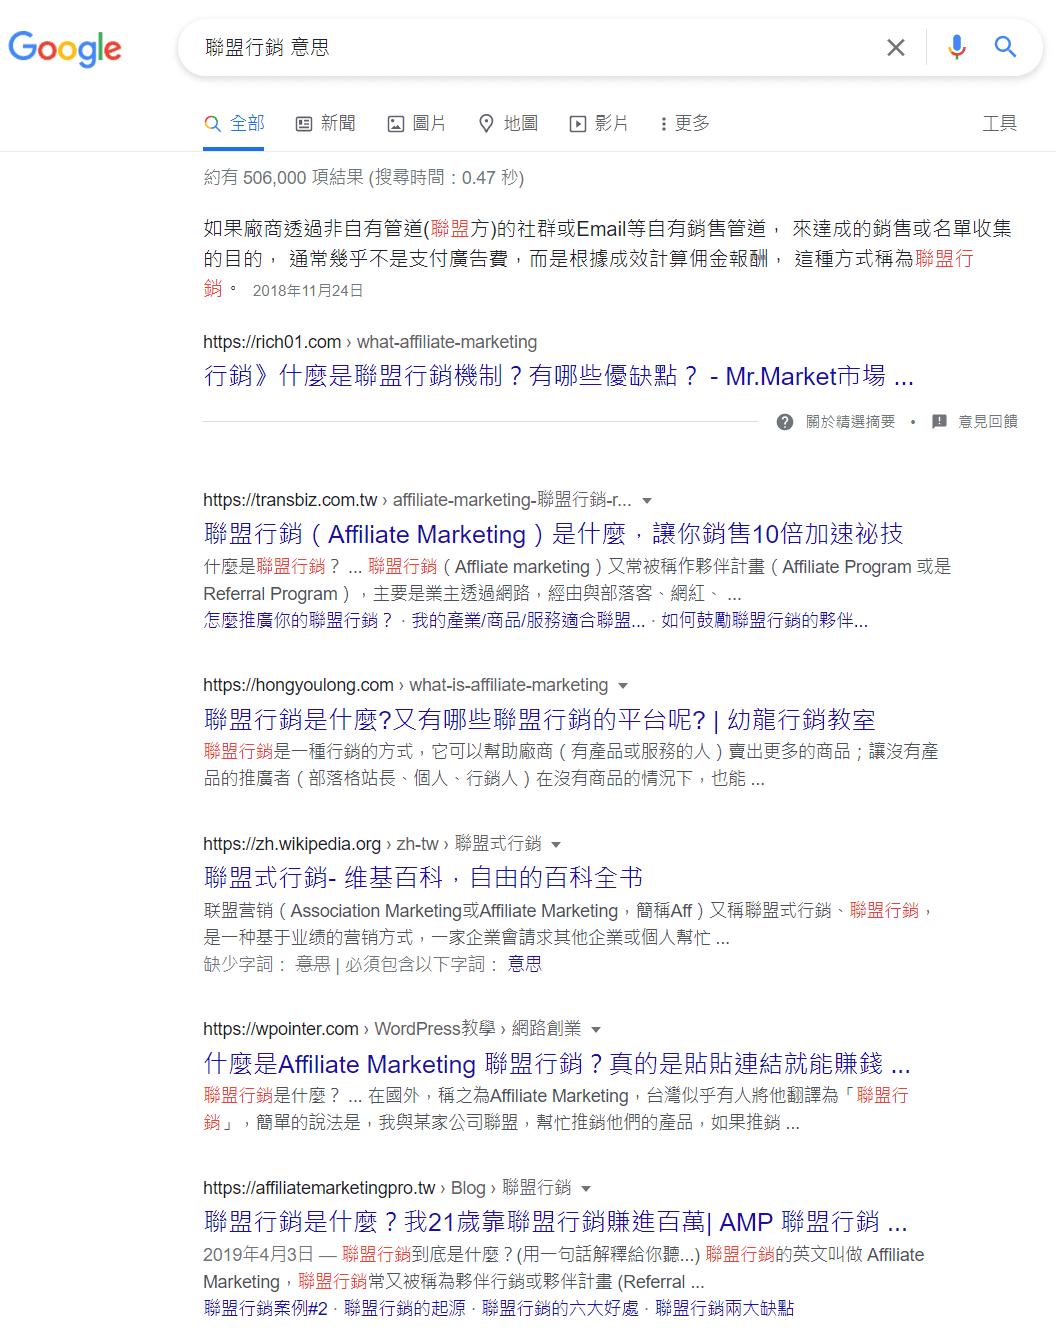 聯盟行銷 意思 - Google 搜尋